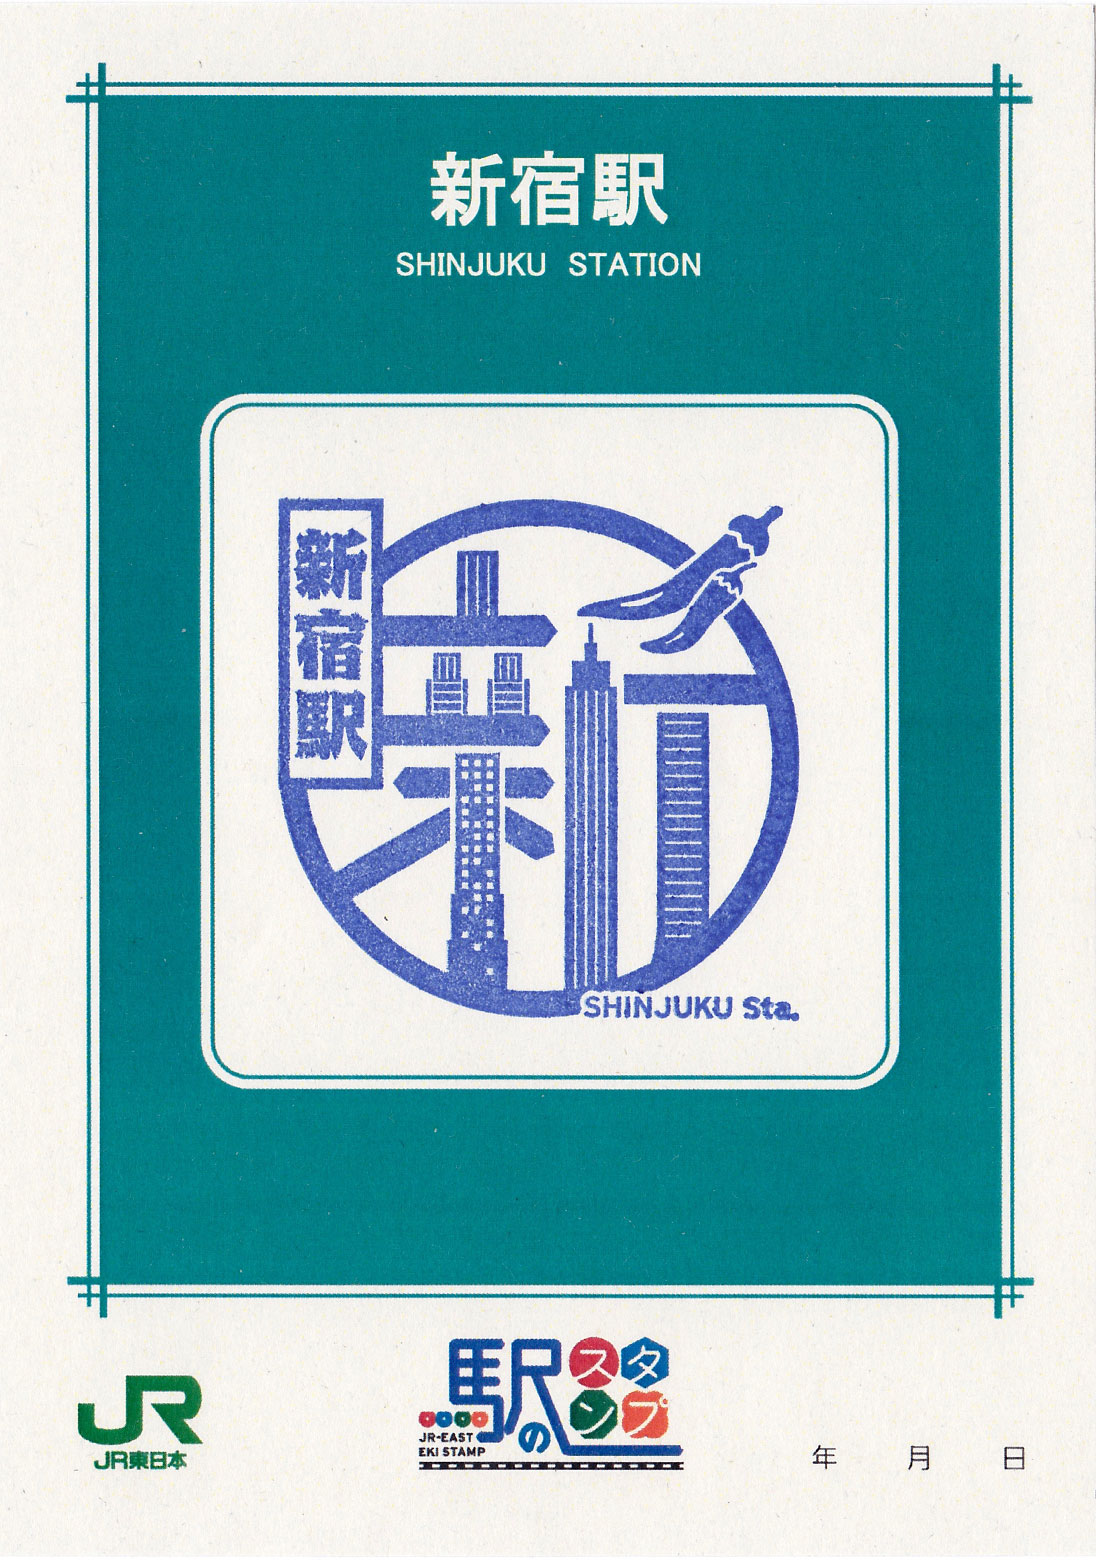 新しい絵柄になったJR新宿駅の「駅のスタンプ」